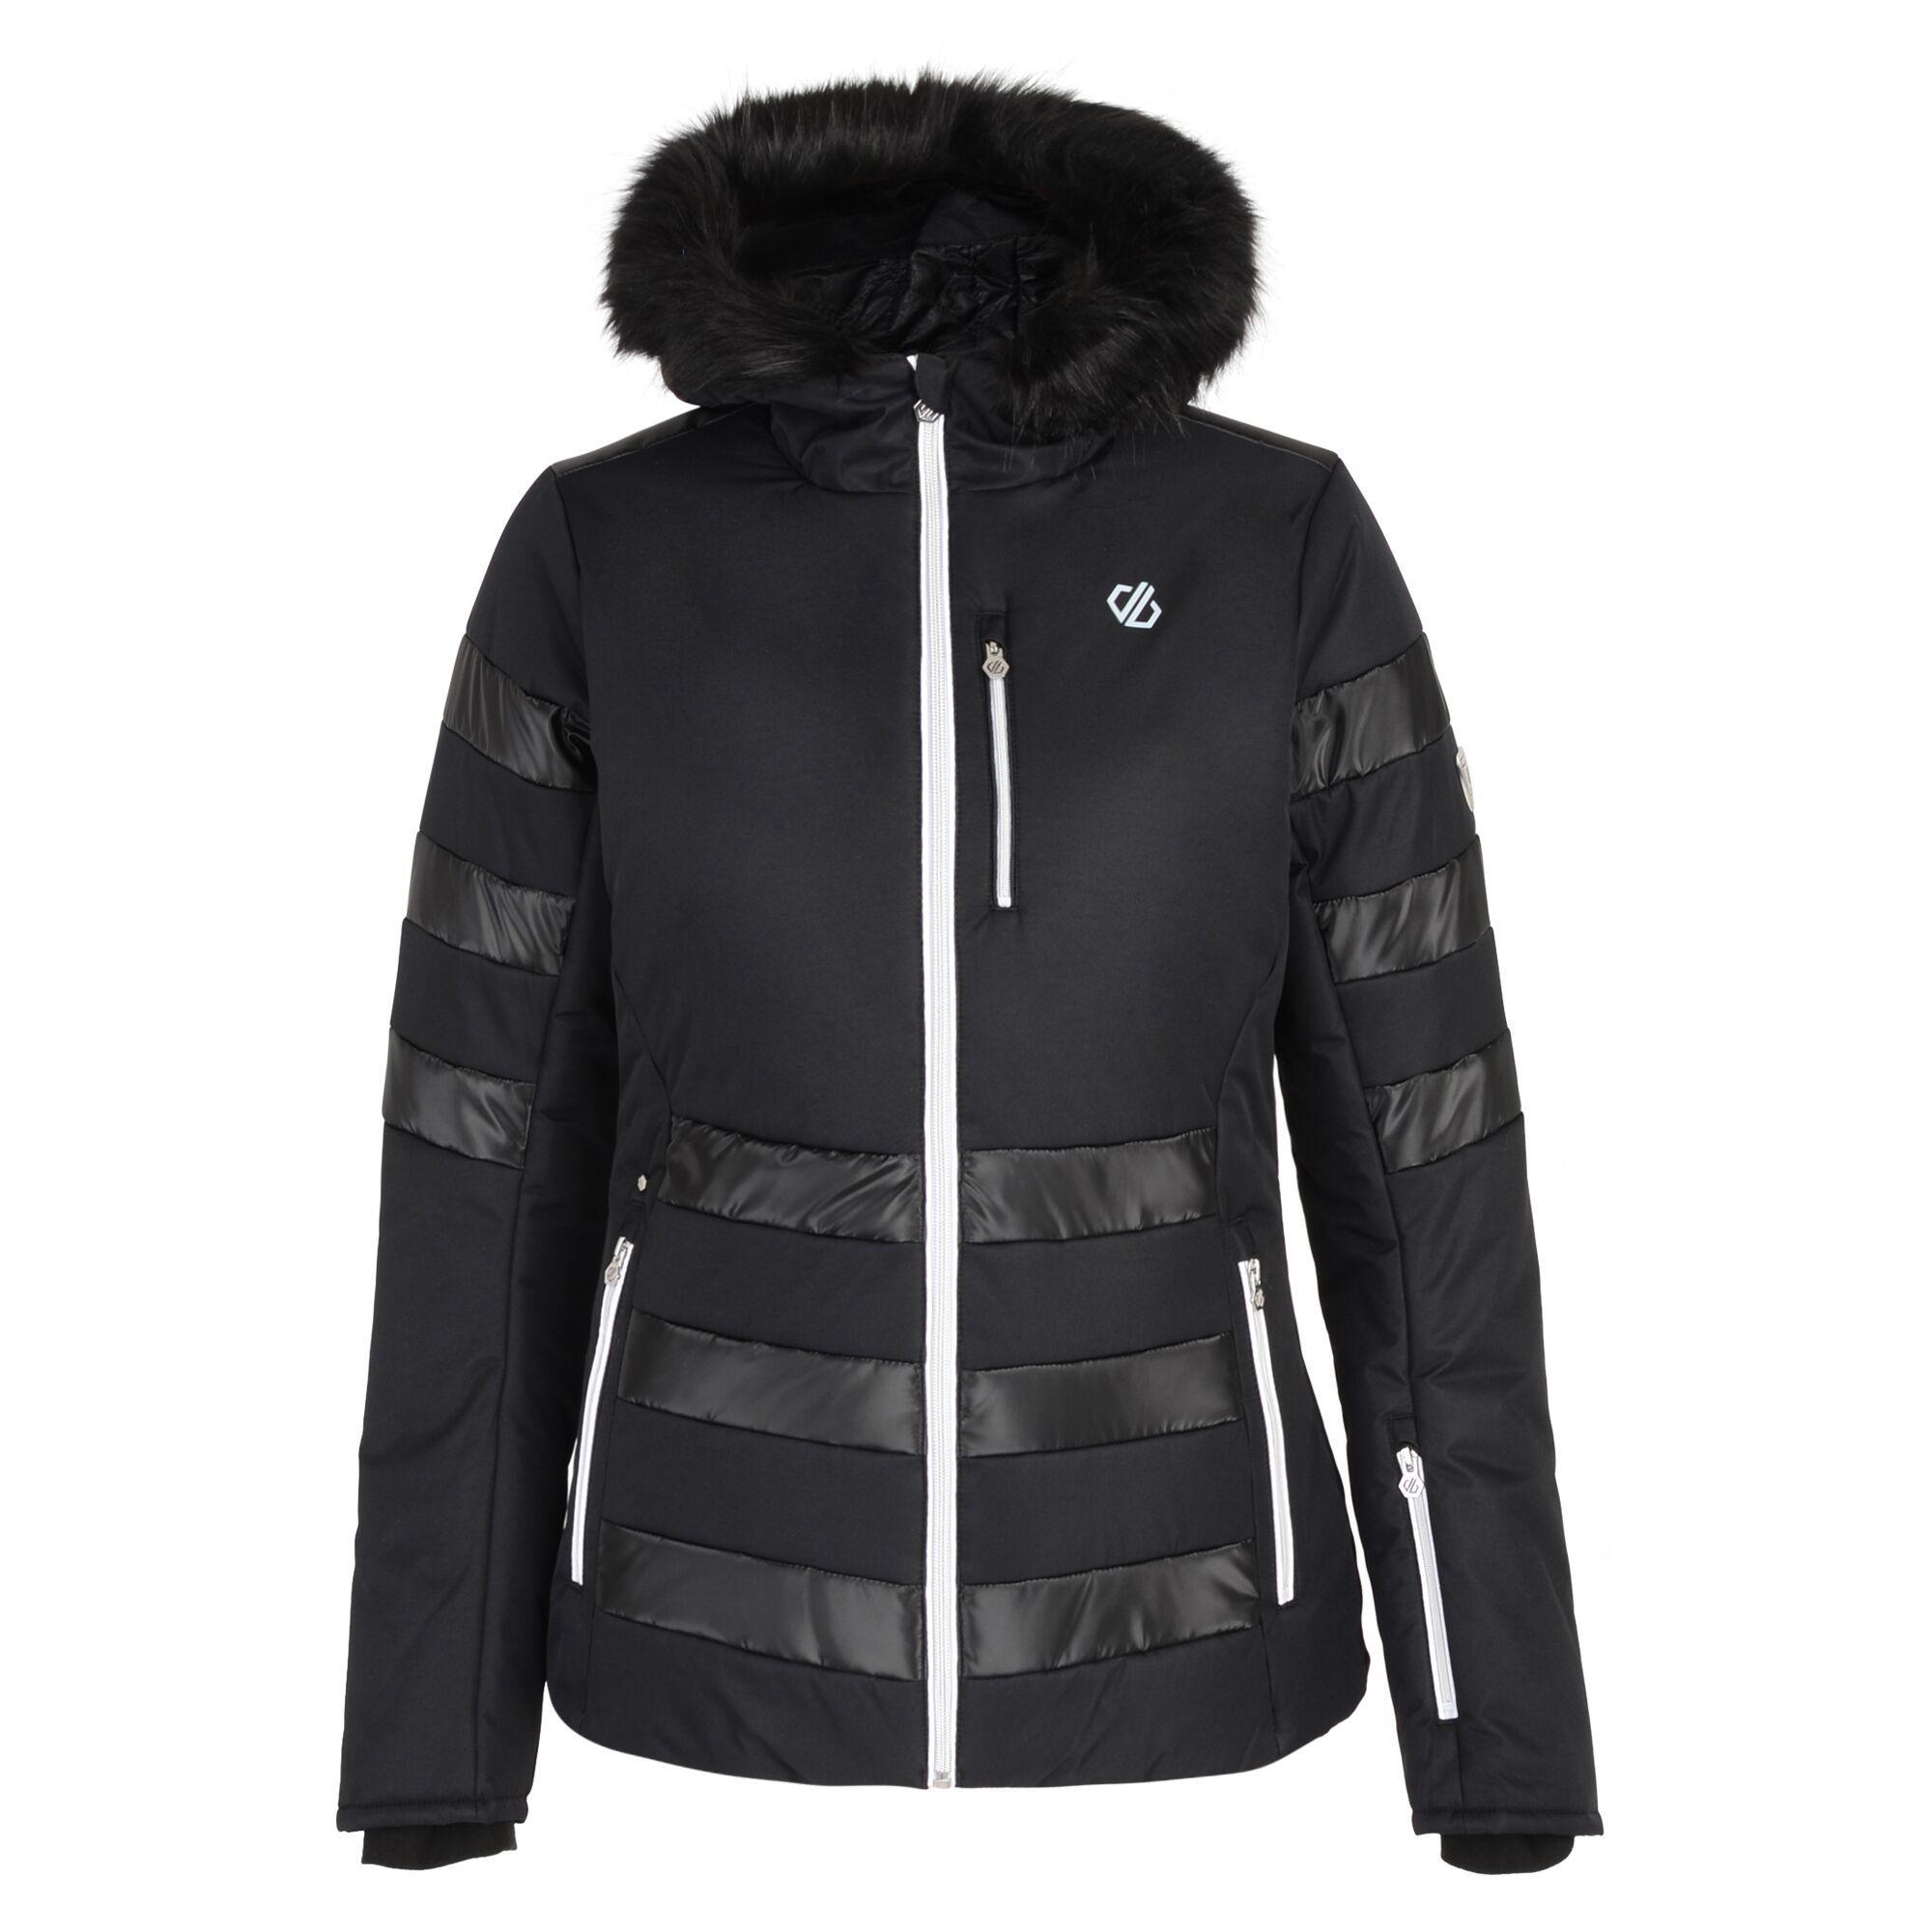 Dare 2B Womens/Ladies Snowglow Faux Fur Trim Ski Jacket (16 UK) (Black)